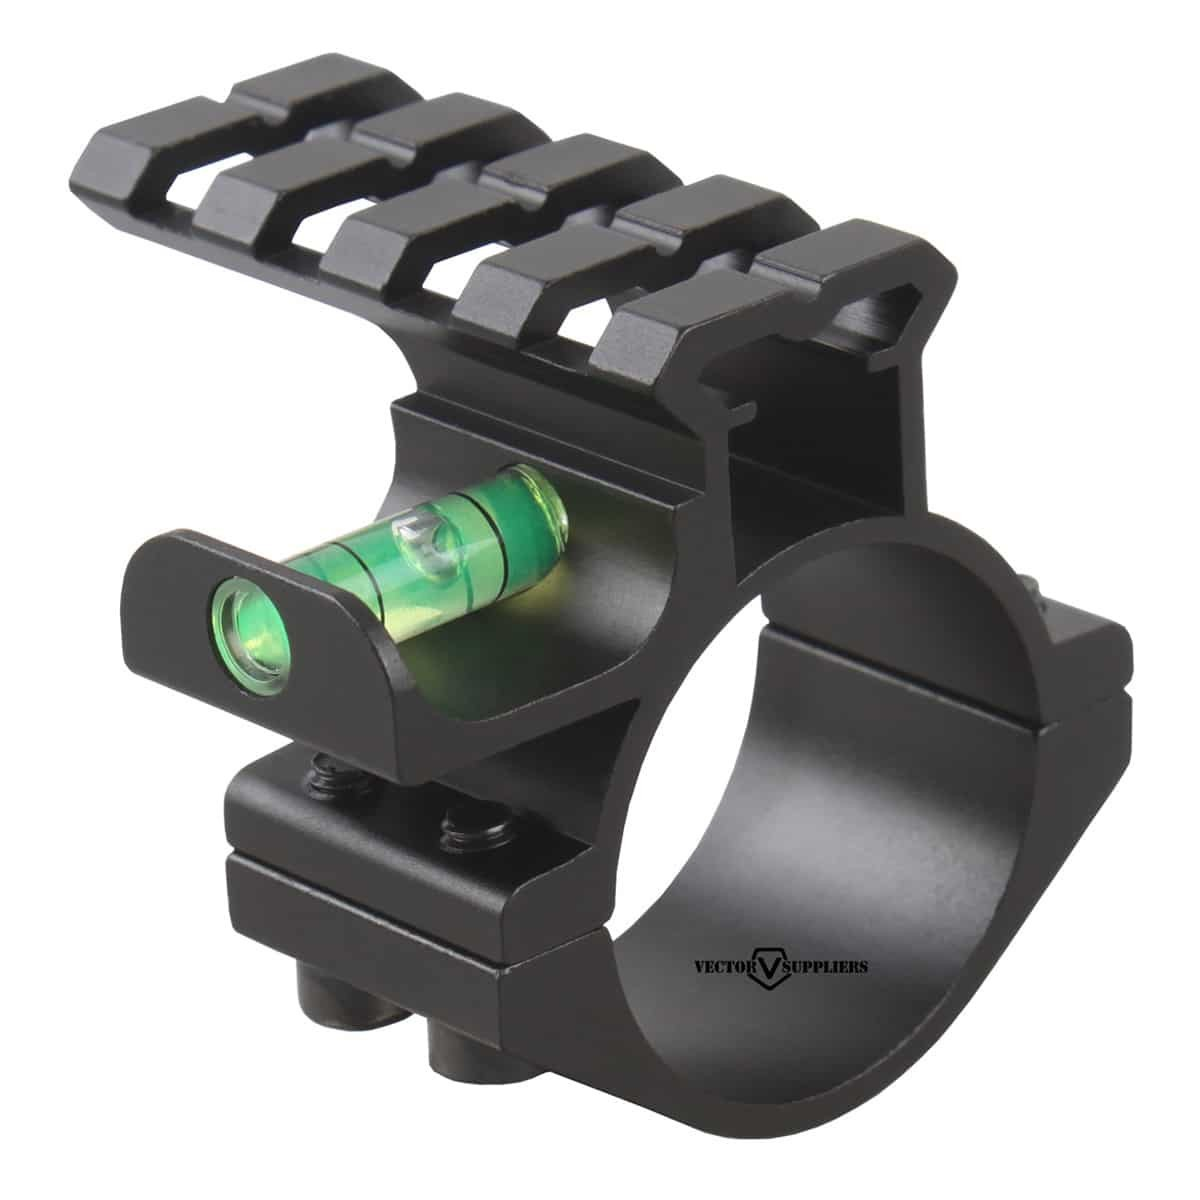 Suporte ACD Vector Optics 30mm com trilho e nível